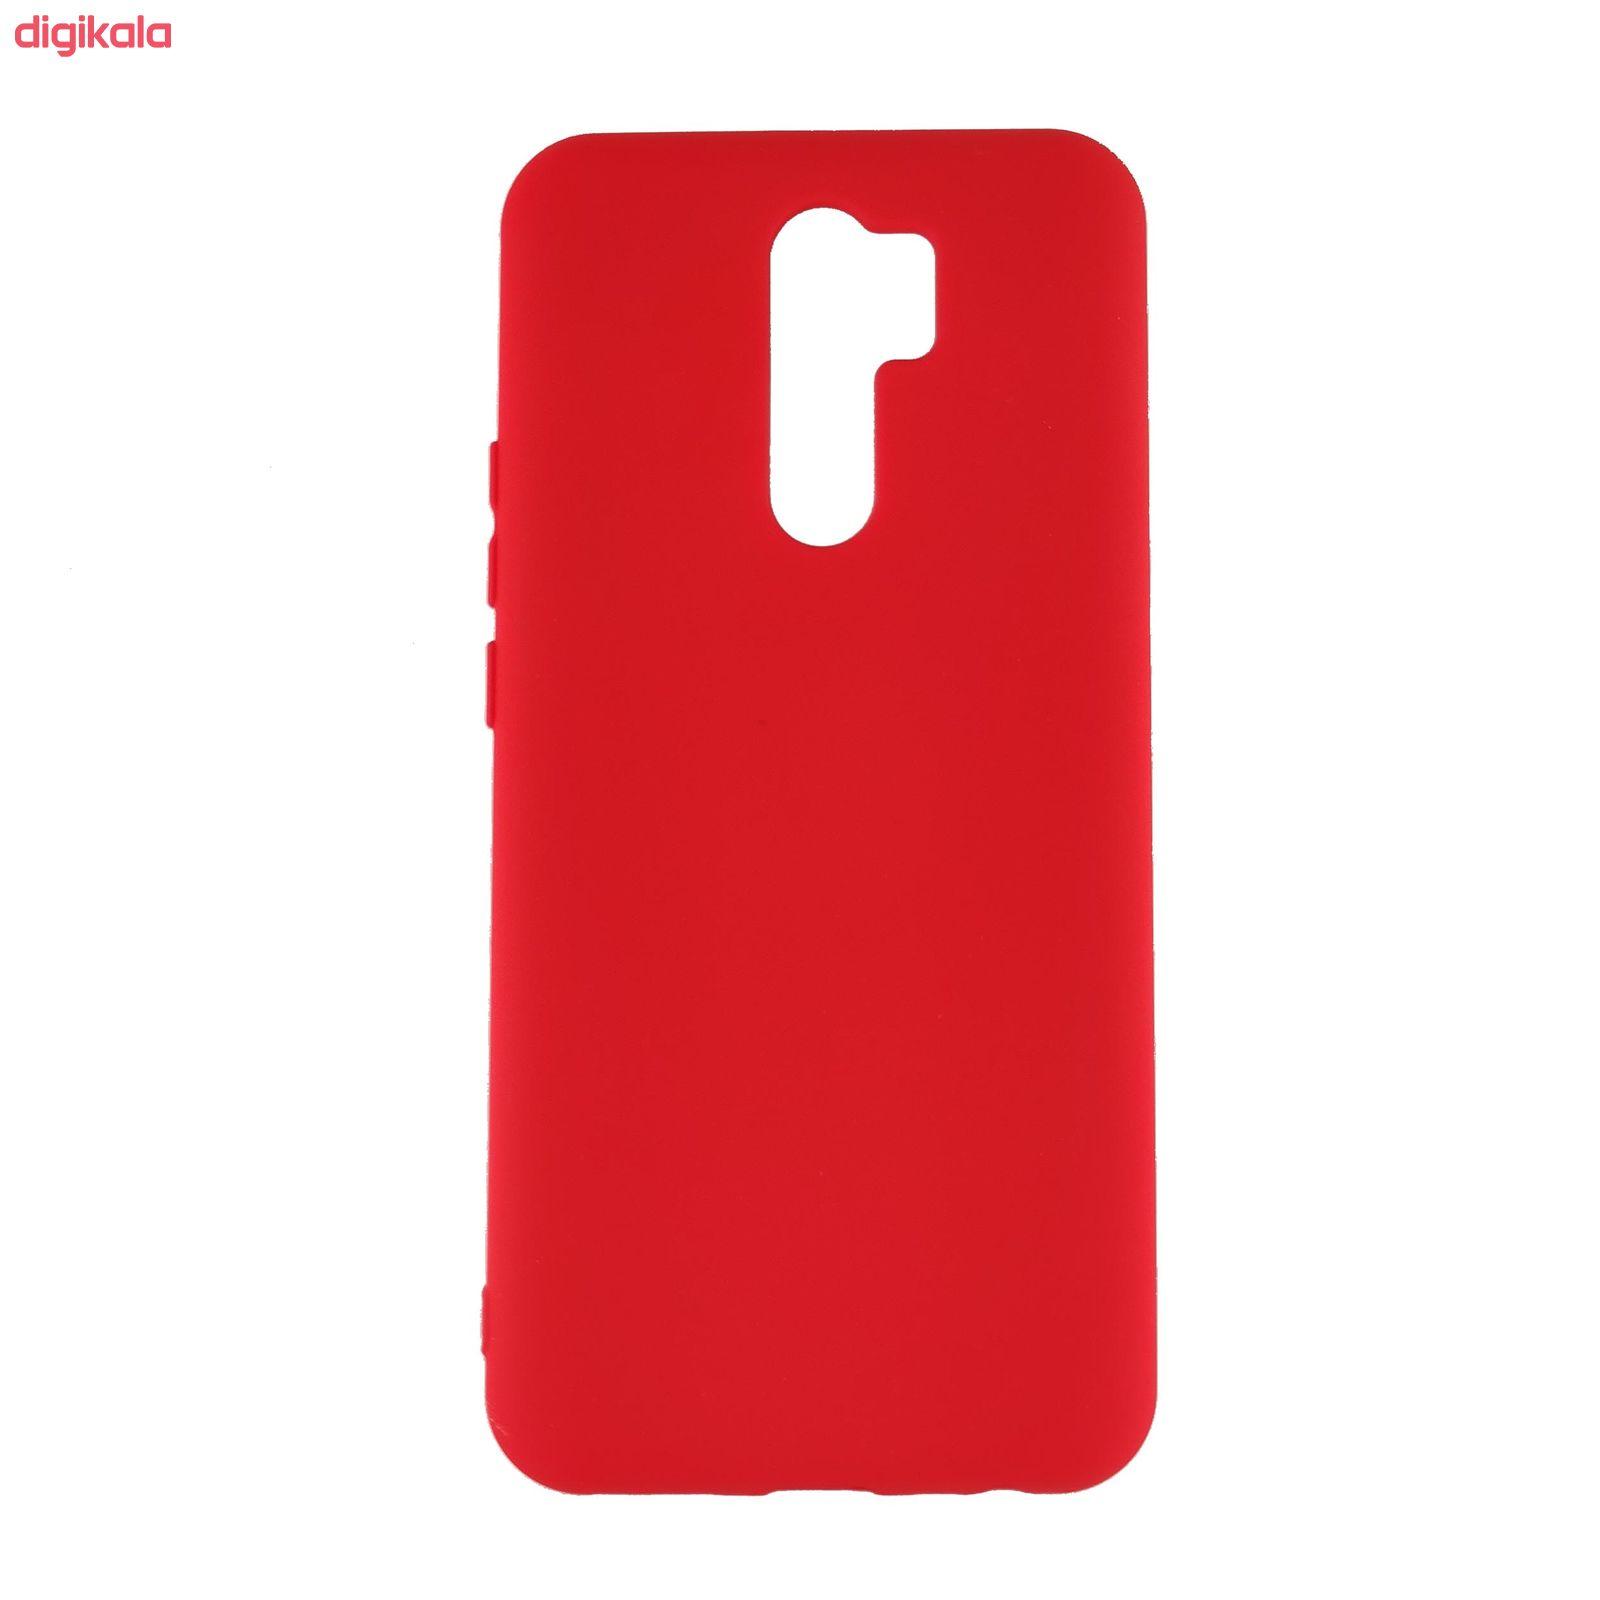 کاور مدل SIONI مناسب برای گوشی موبایل شیائومی Redmi 9/9 prim main 1 8